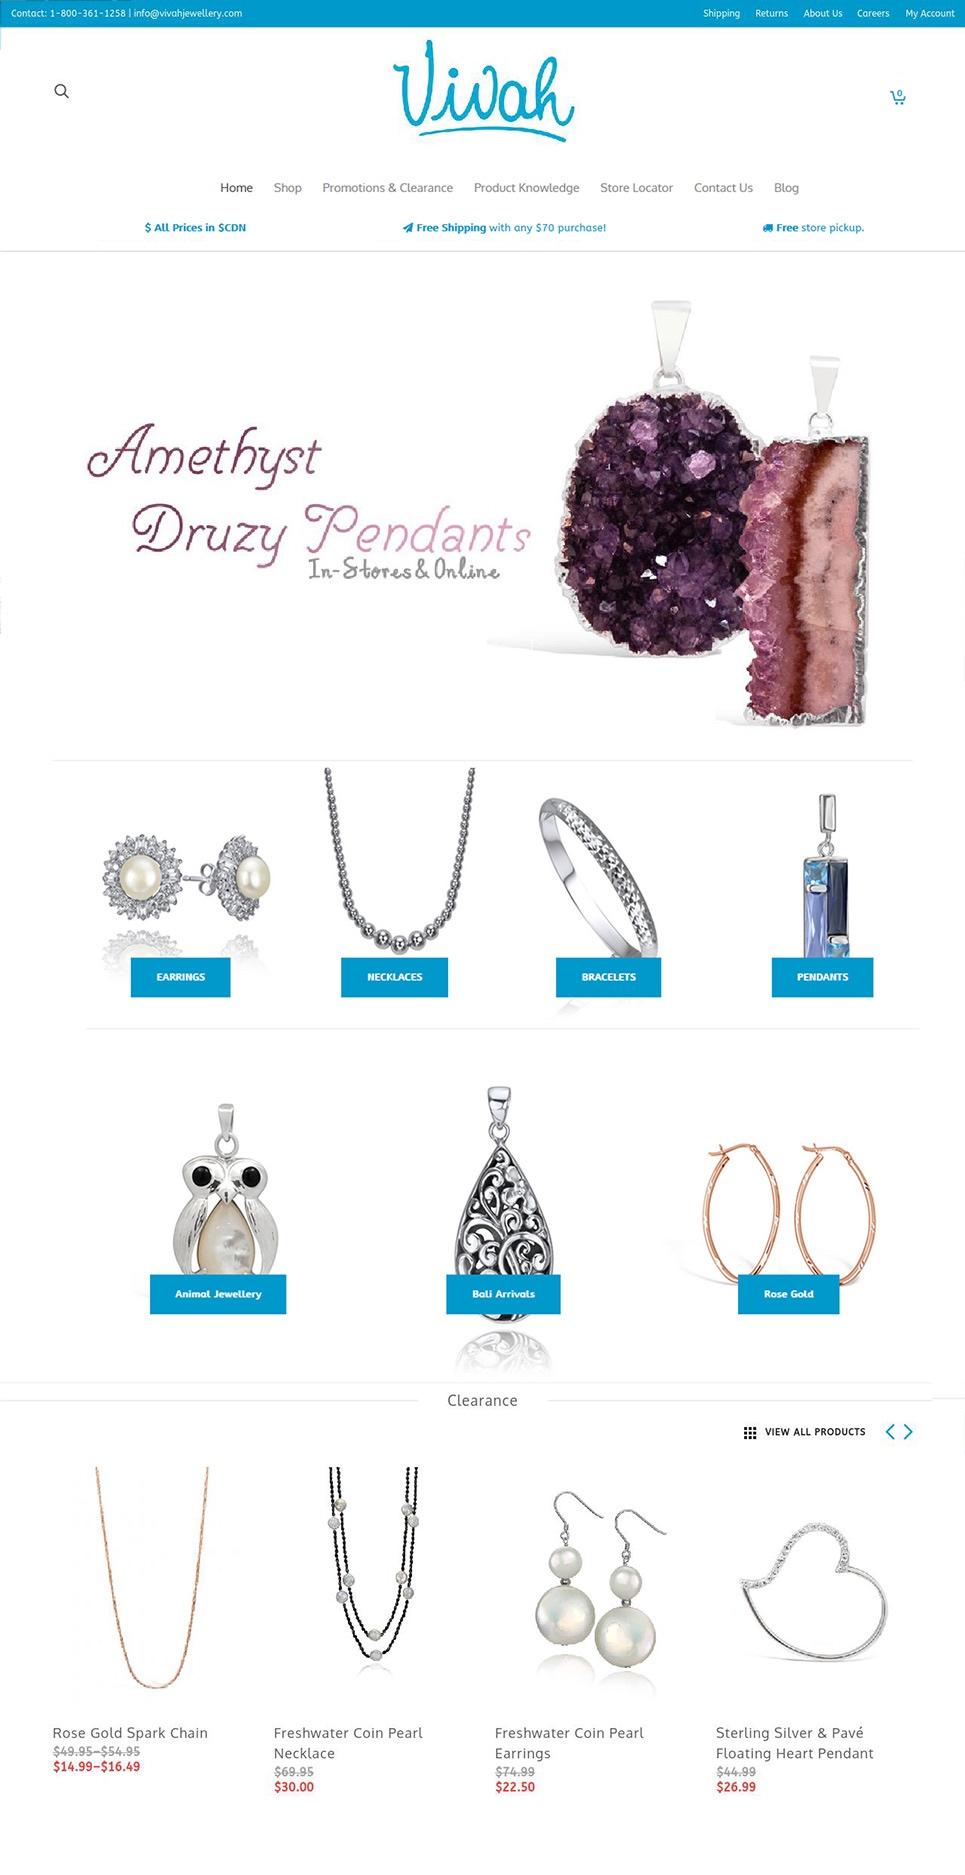 vivah-jewellery-website.jpg